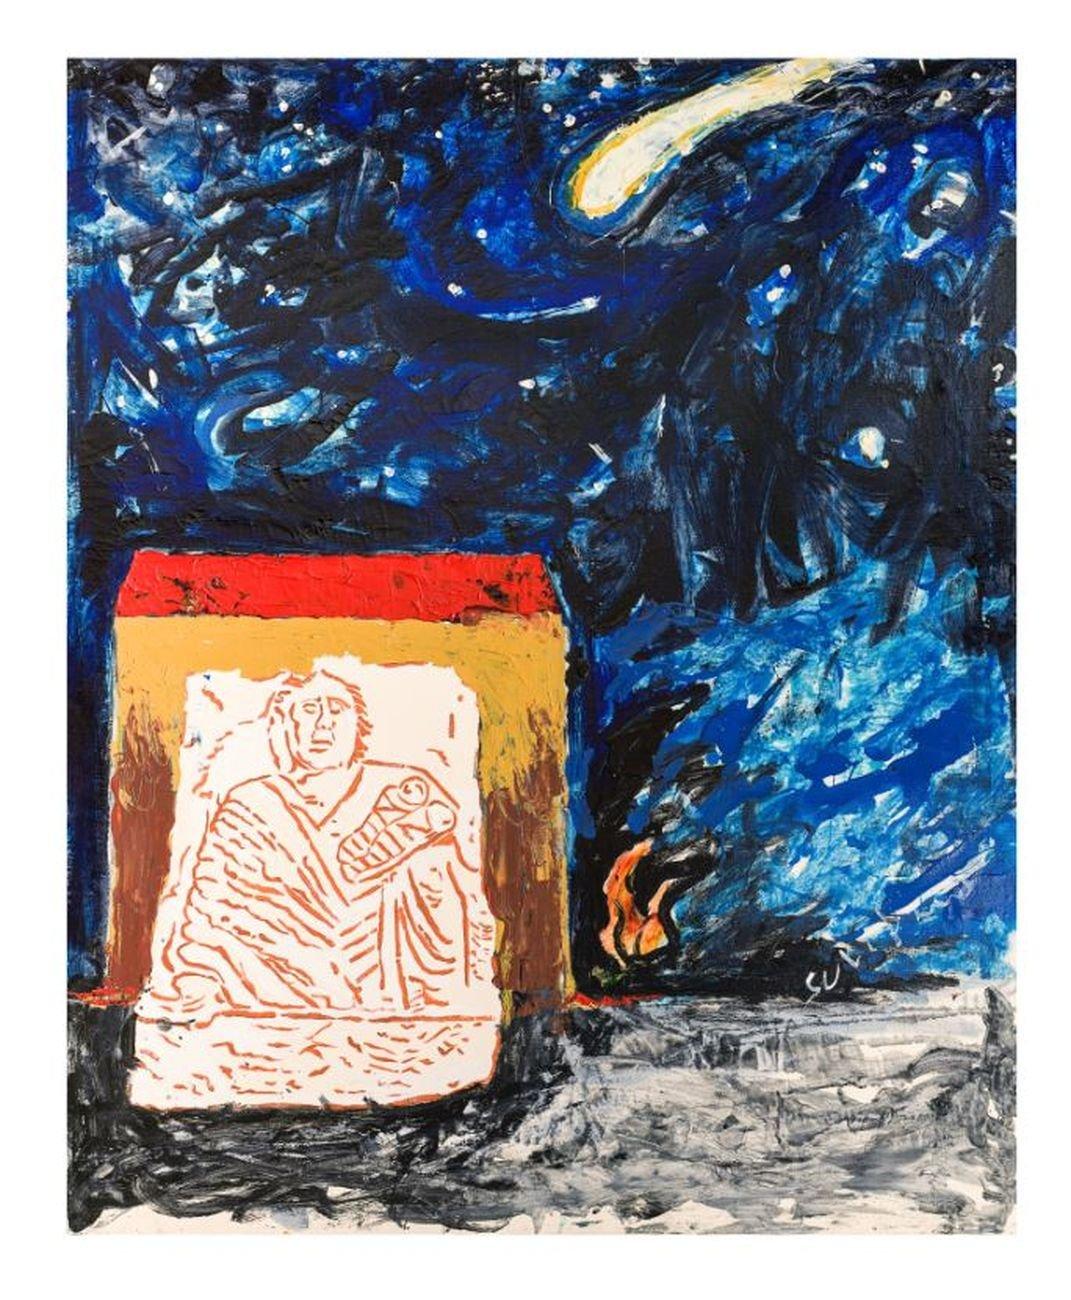 Mario Schifano, Mater Matuta 1, 1995 96, smalto e acrilico su tela